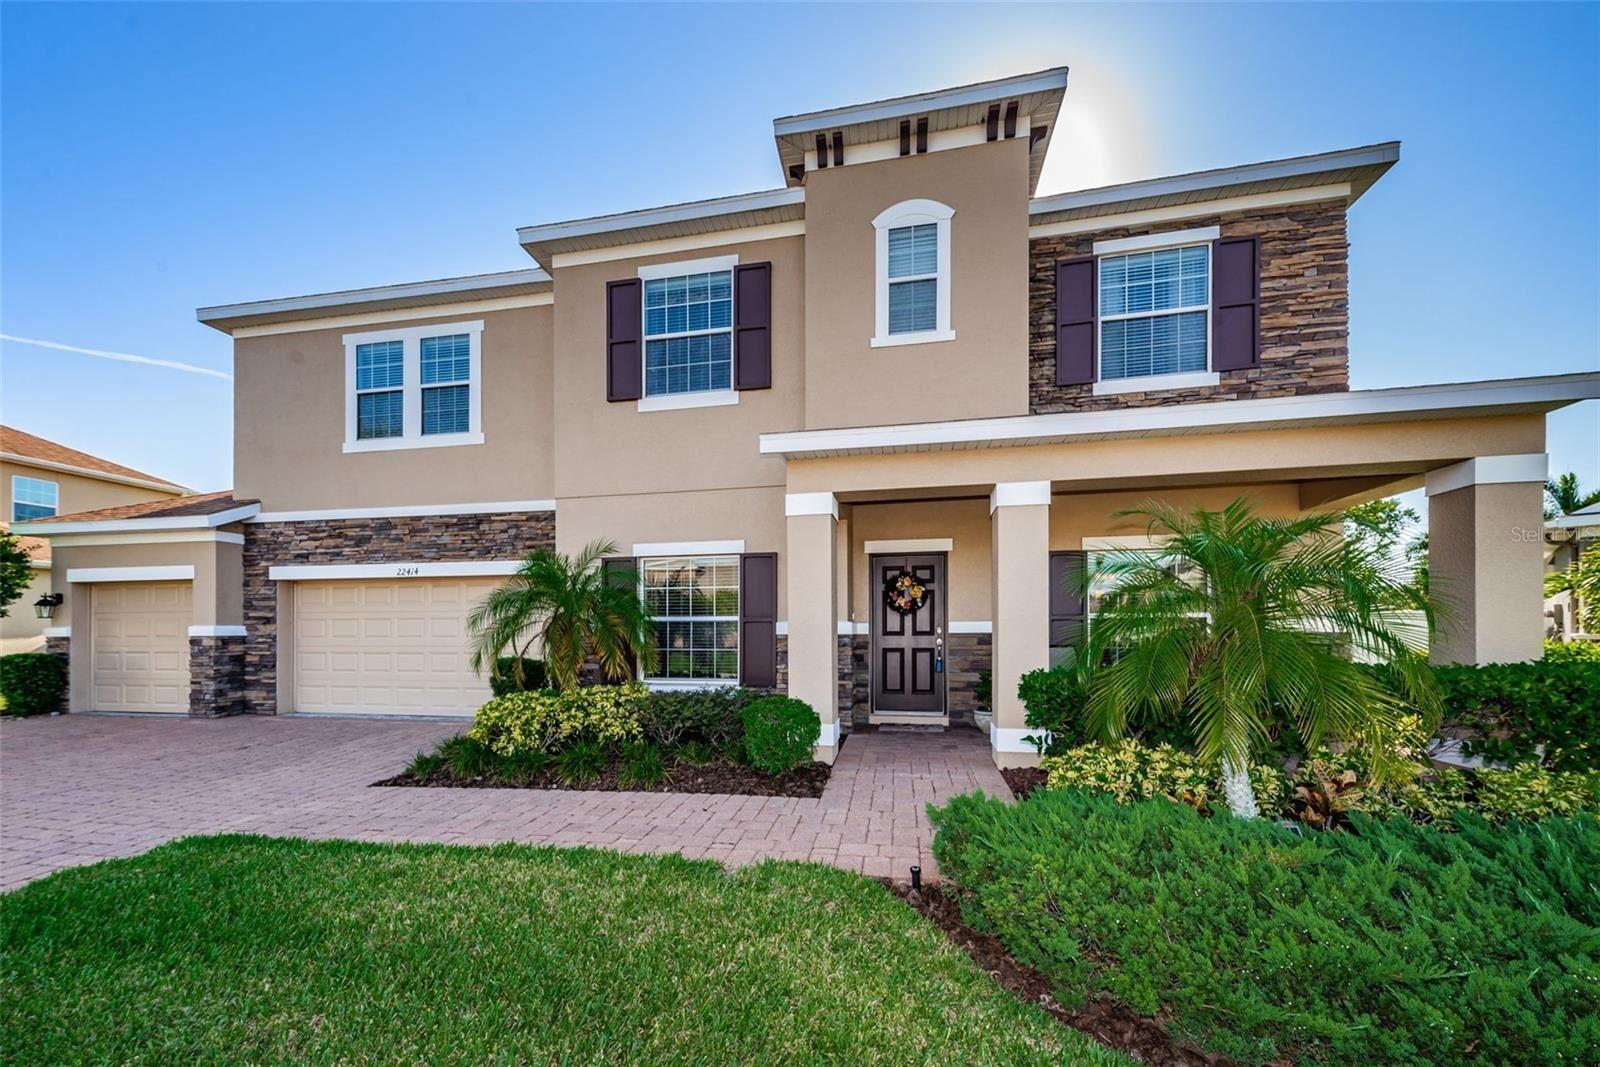 22414 BARTHOLDI CIRCLE, Land O Lakes, FL 34639 - #: U8126405